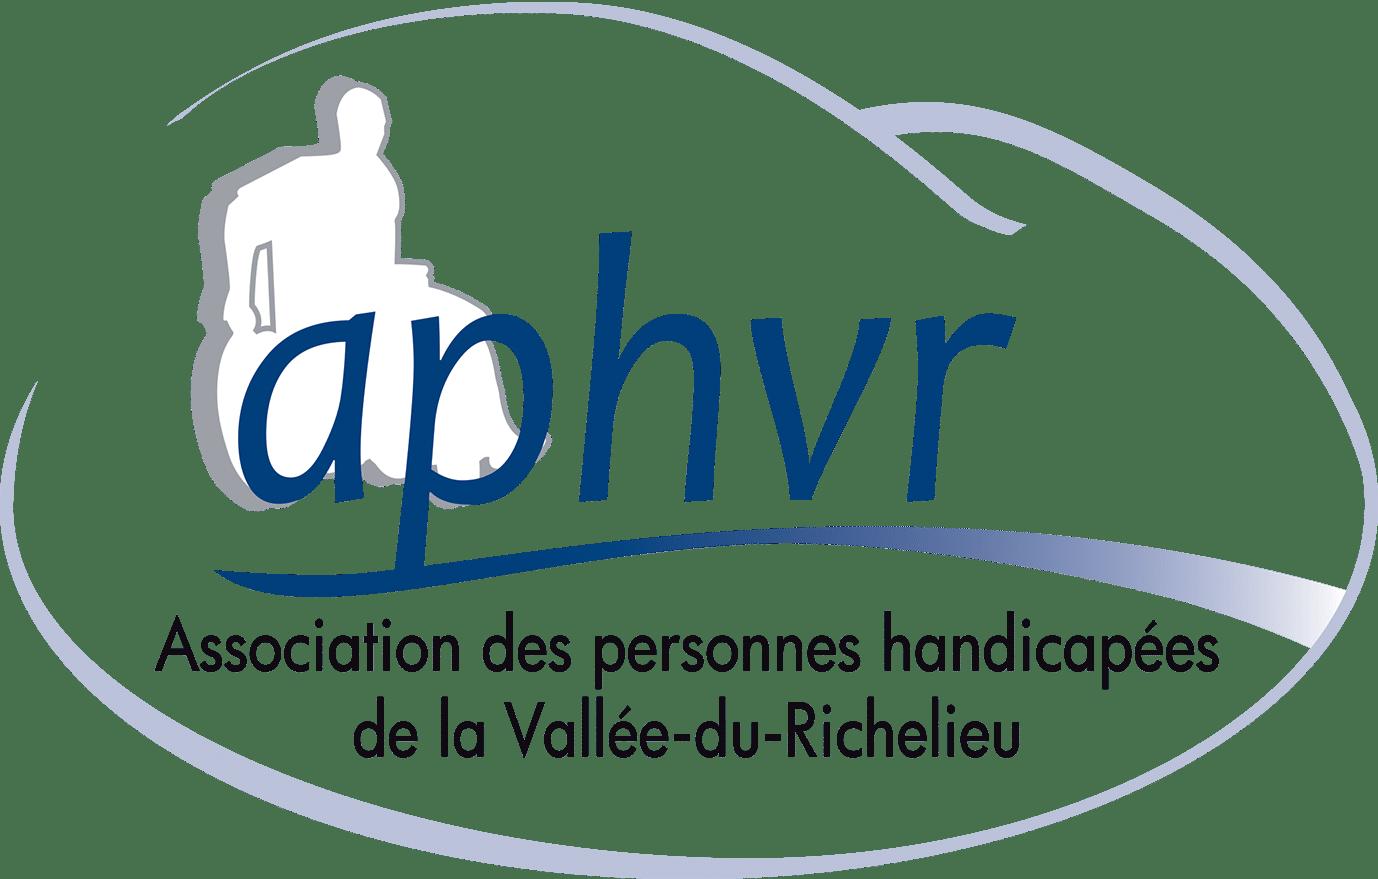 Association des personnes handicapées de la Vallée-du-Richelieu Logo